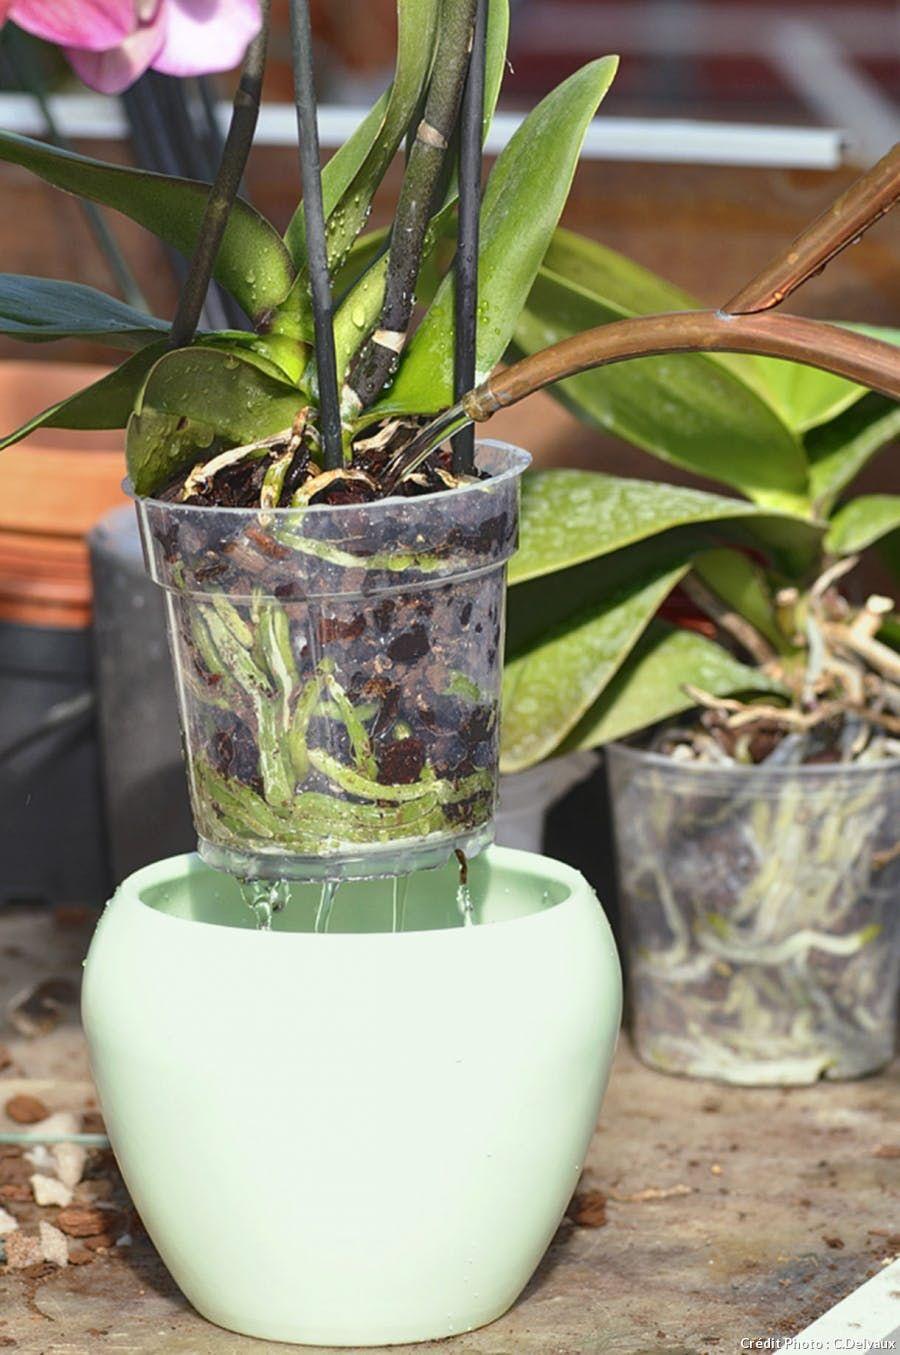 Comment Entretenir Les Orchidees Entretien Orchidee Rempoter